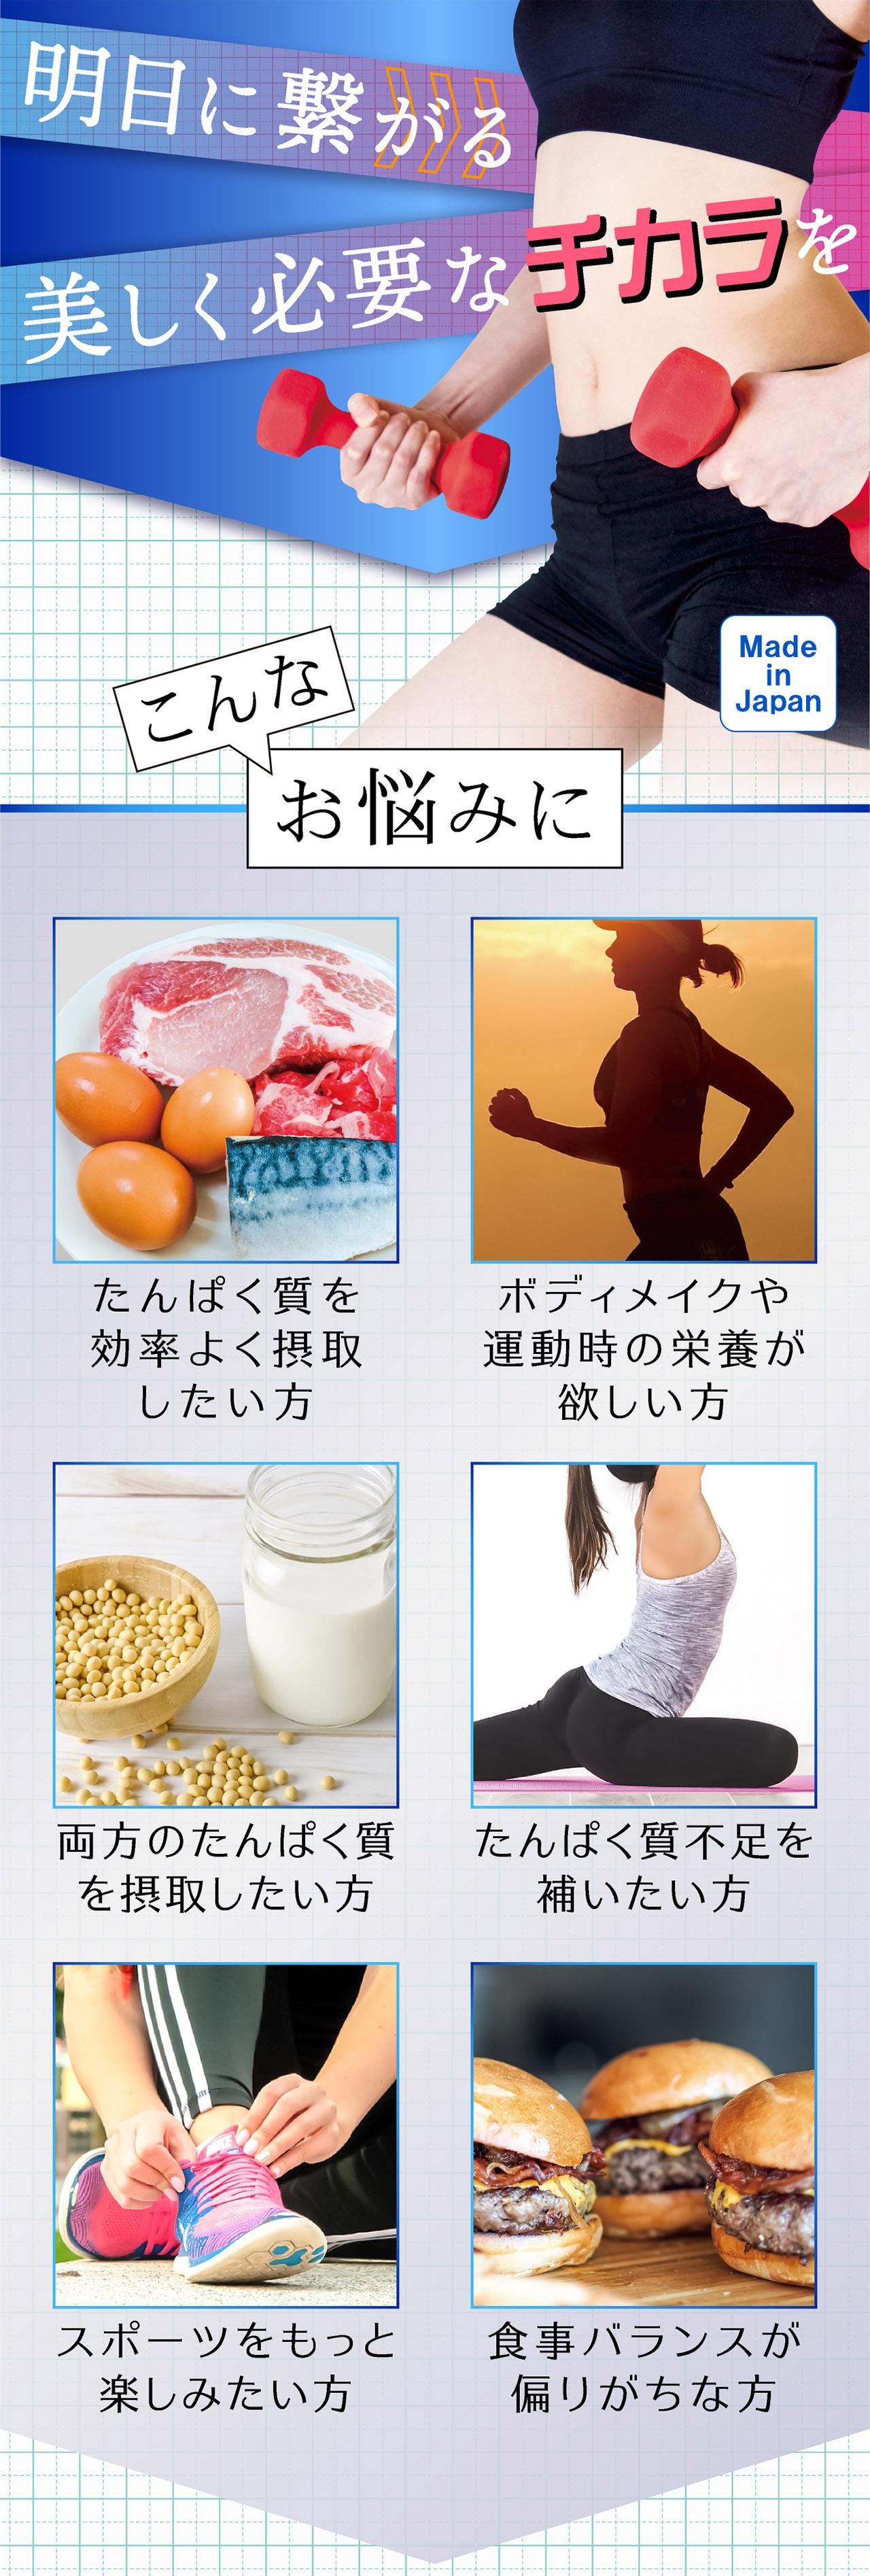 明日に繋がる 美しく必要なチカラを Made in Japan 日本製 こんな お悩みに たんぱく質を効率よく摂取したい方 両方のたんぱく質を摂取したい方 ボディメイクや運動時の栄養が欲しい方 たんぱく質不足を補いたい方 スポーツをもっと楽しみたい方 食事バランスが偏りがちな方